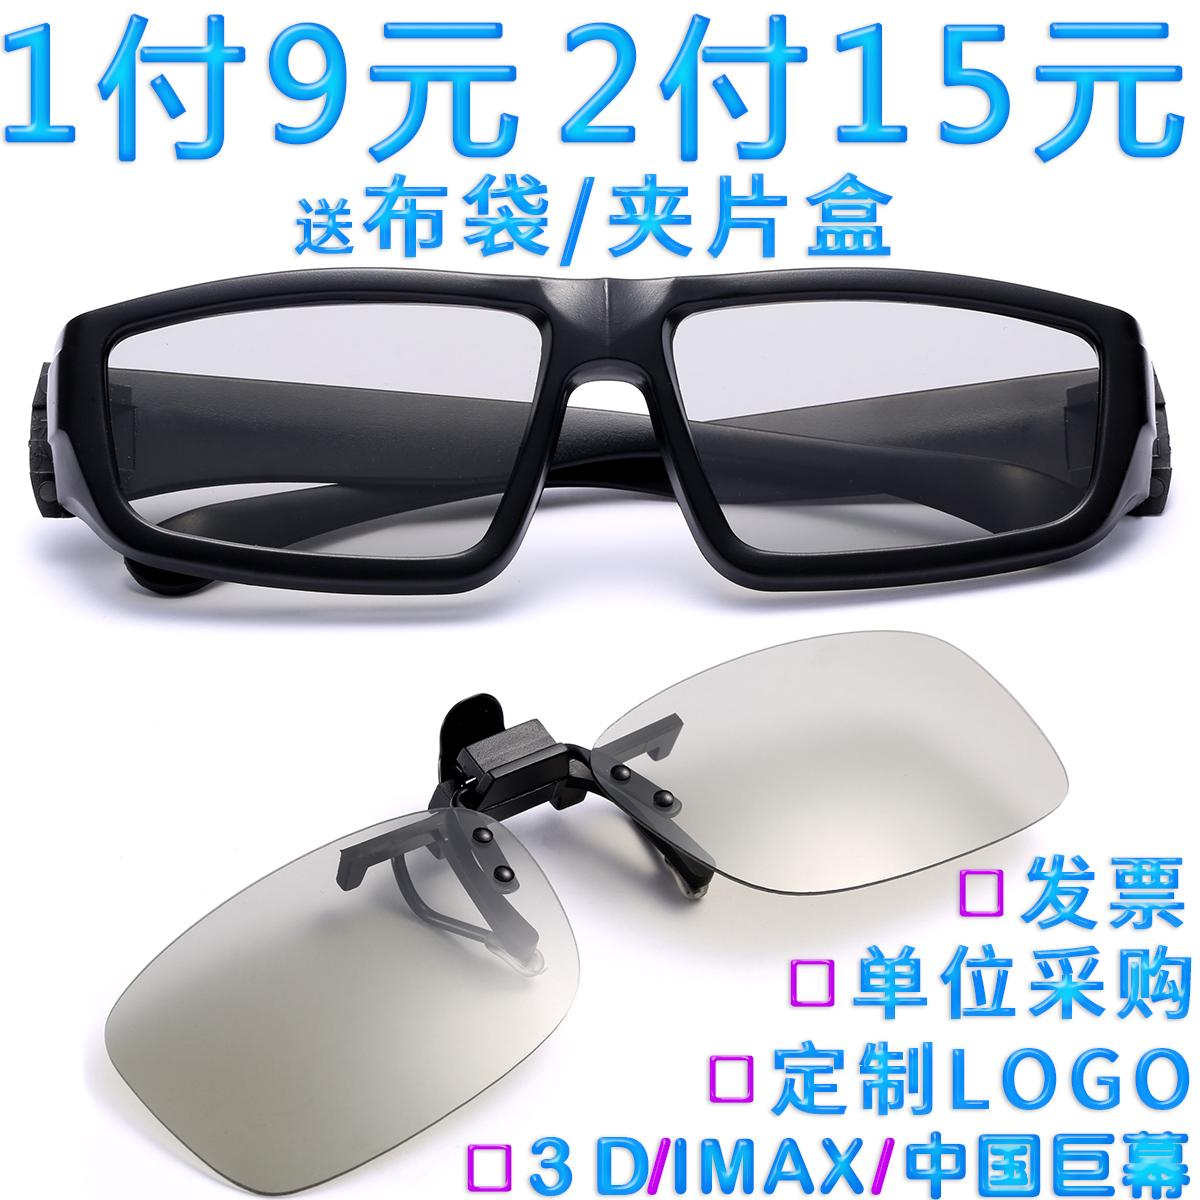 圆偏光看3d眼镜电影院专用imax立体儿童眼睛通用近视夹片家庭电视